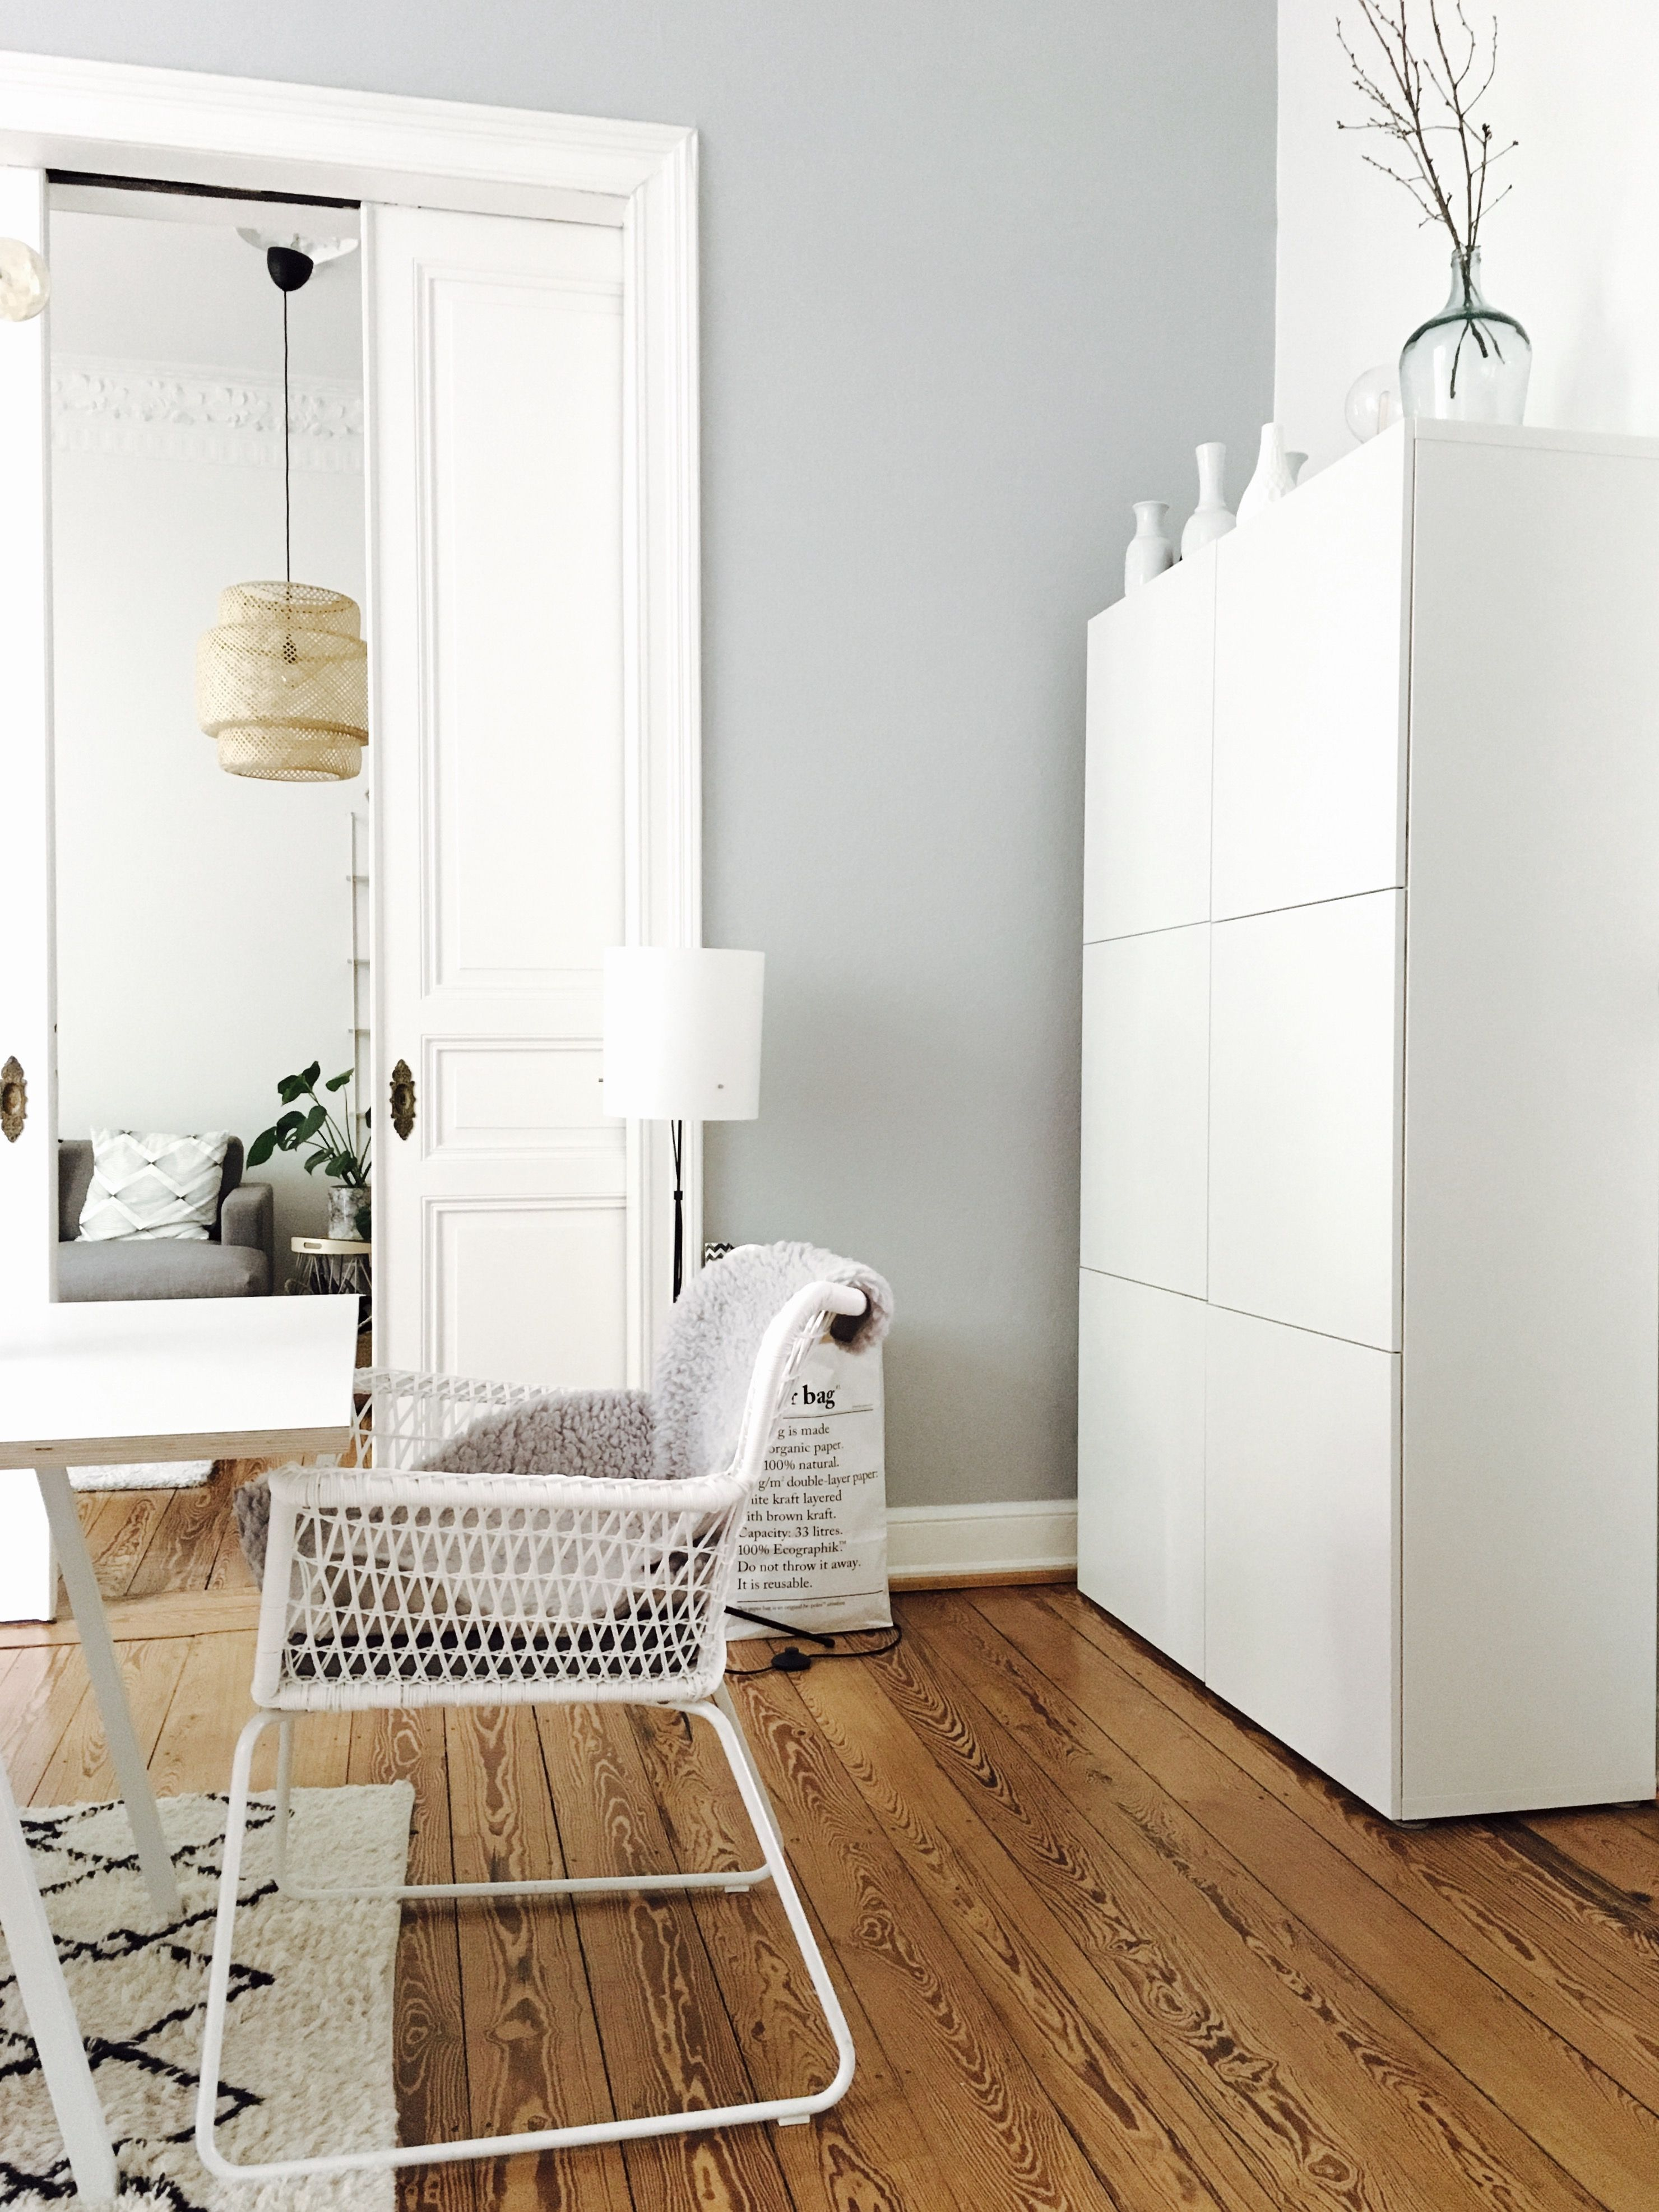 Skandinavisch wohnen: Mit Pastelltönen, natürlichen Holz und viel Weiß. (c) Liebling Blog #skandinavischwohnen